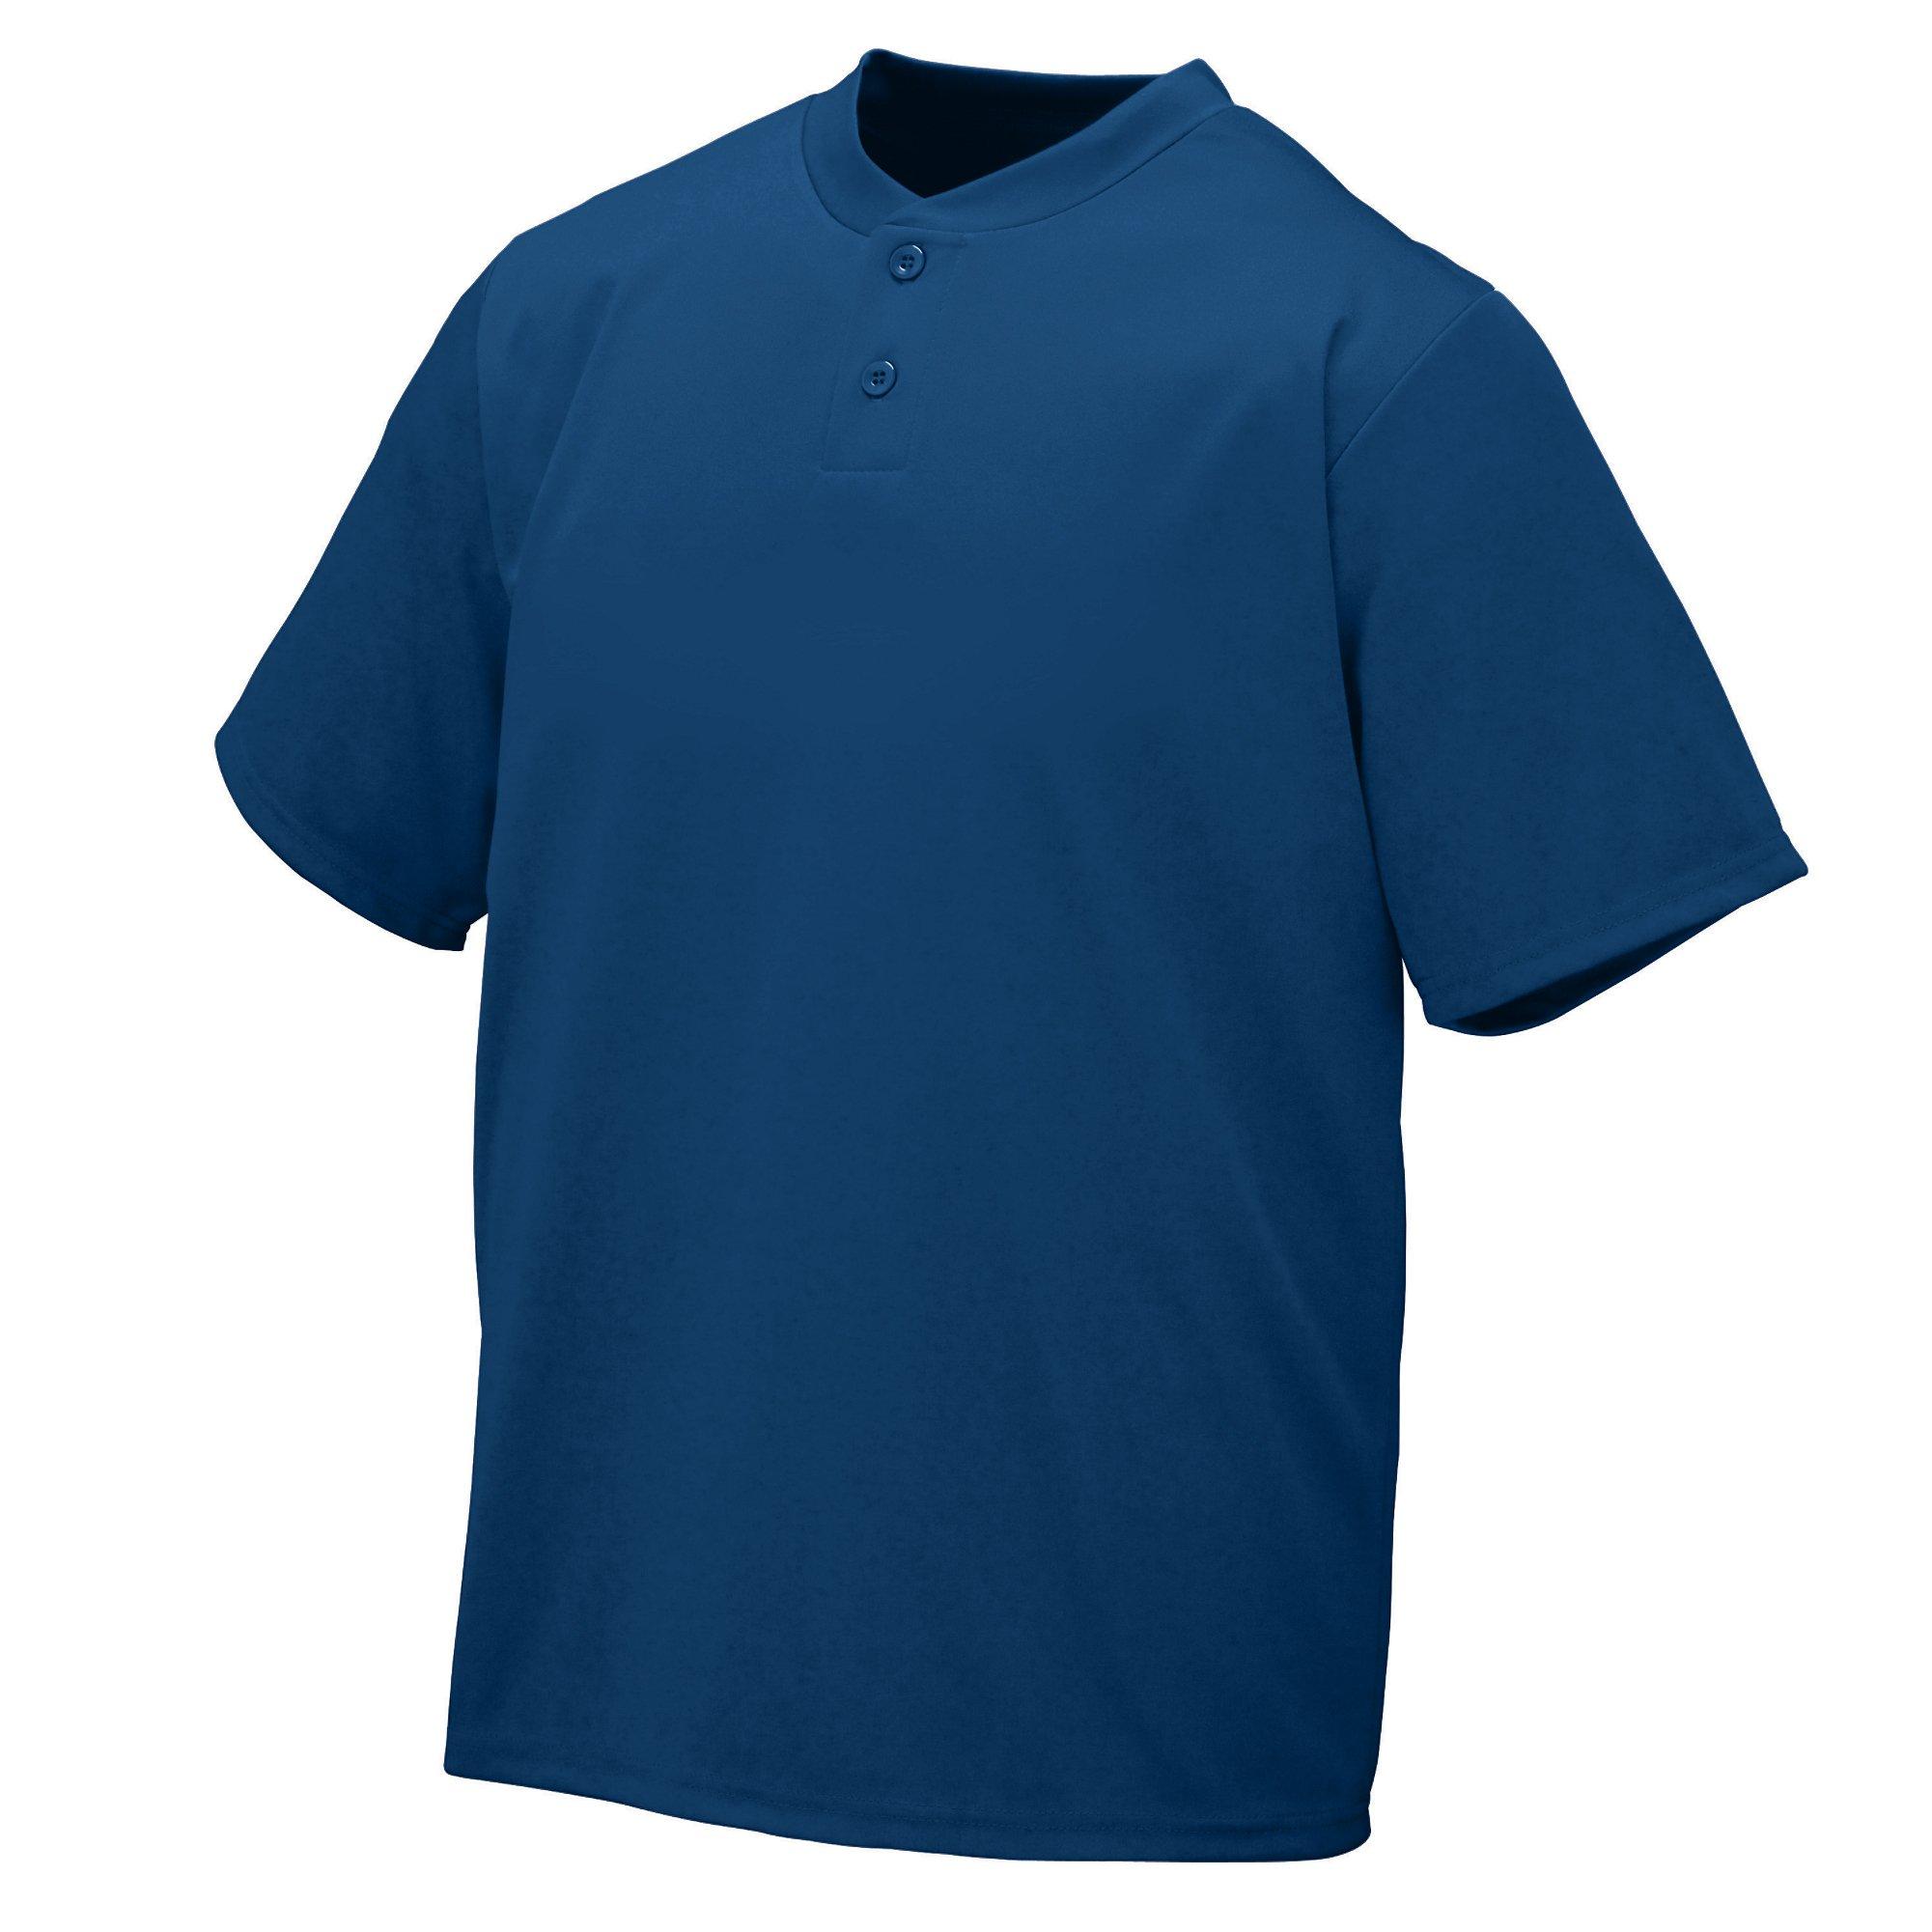 Augusta Sportswear Wicking Two-Button Jersey S Navy by Augusta Sportswear